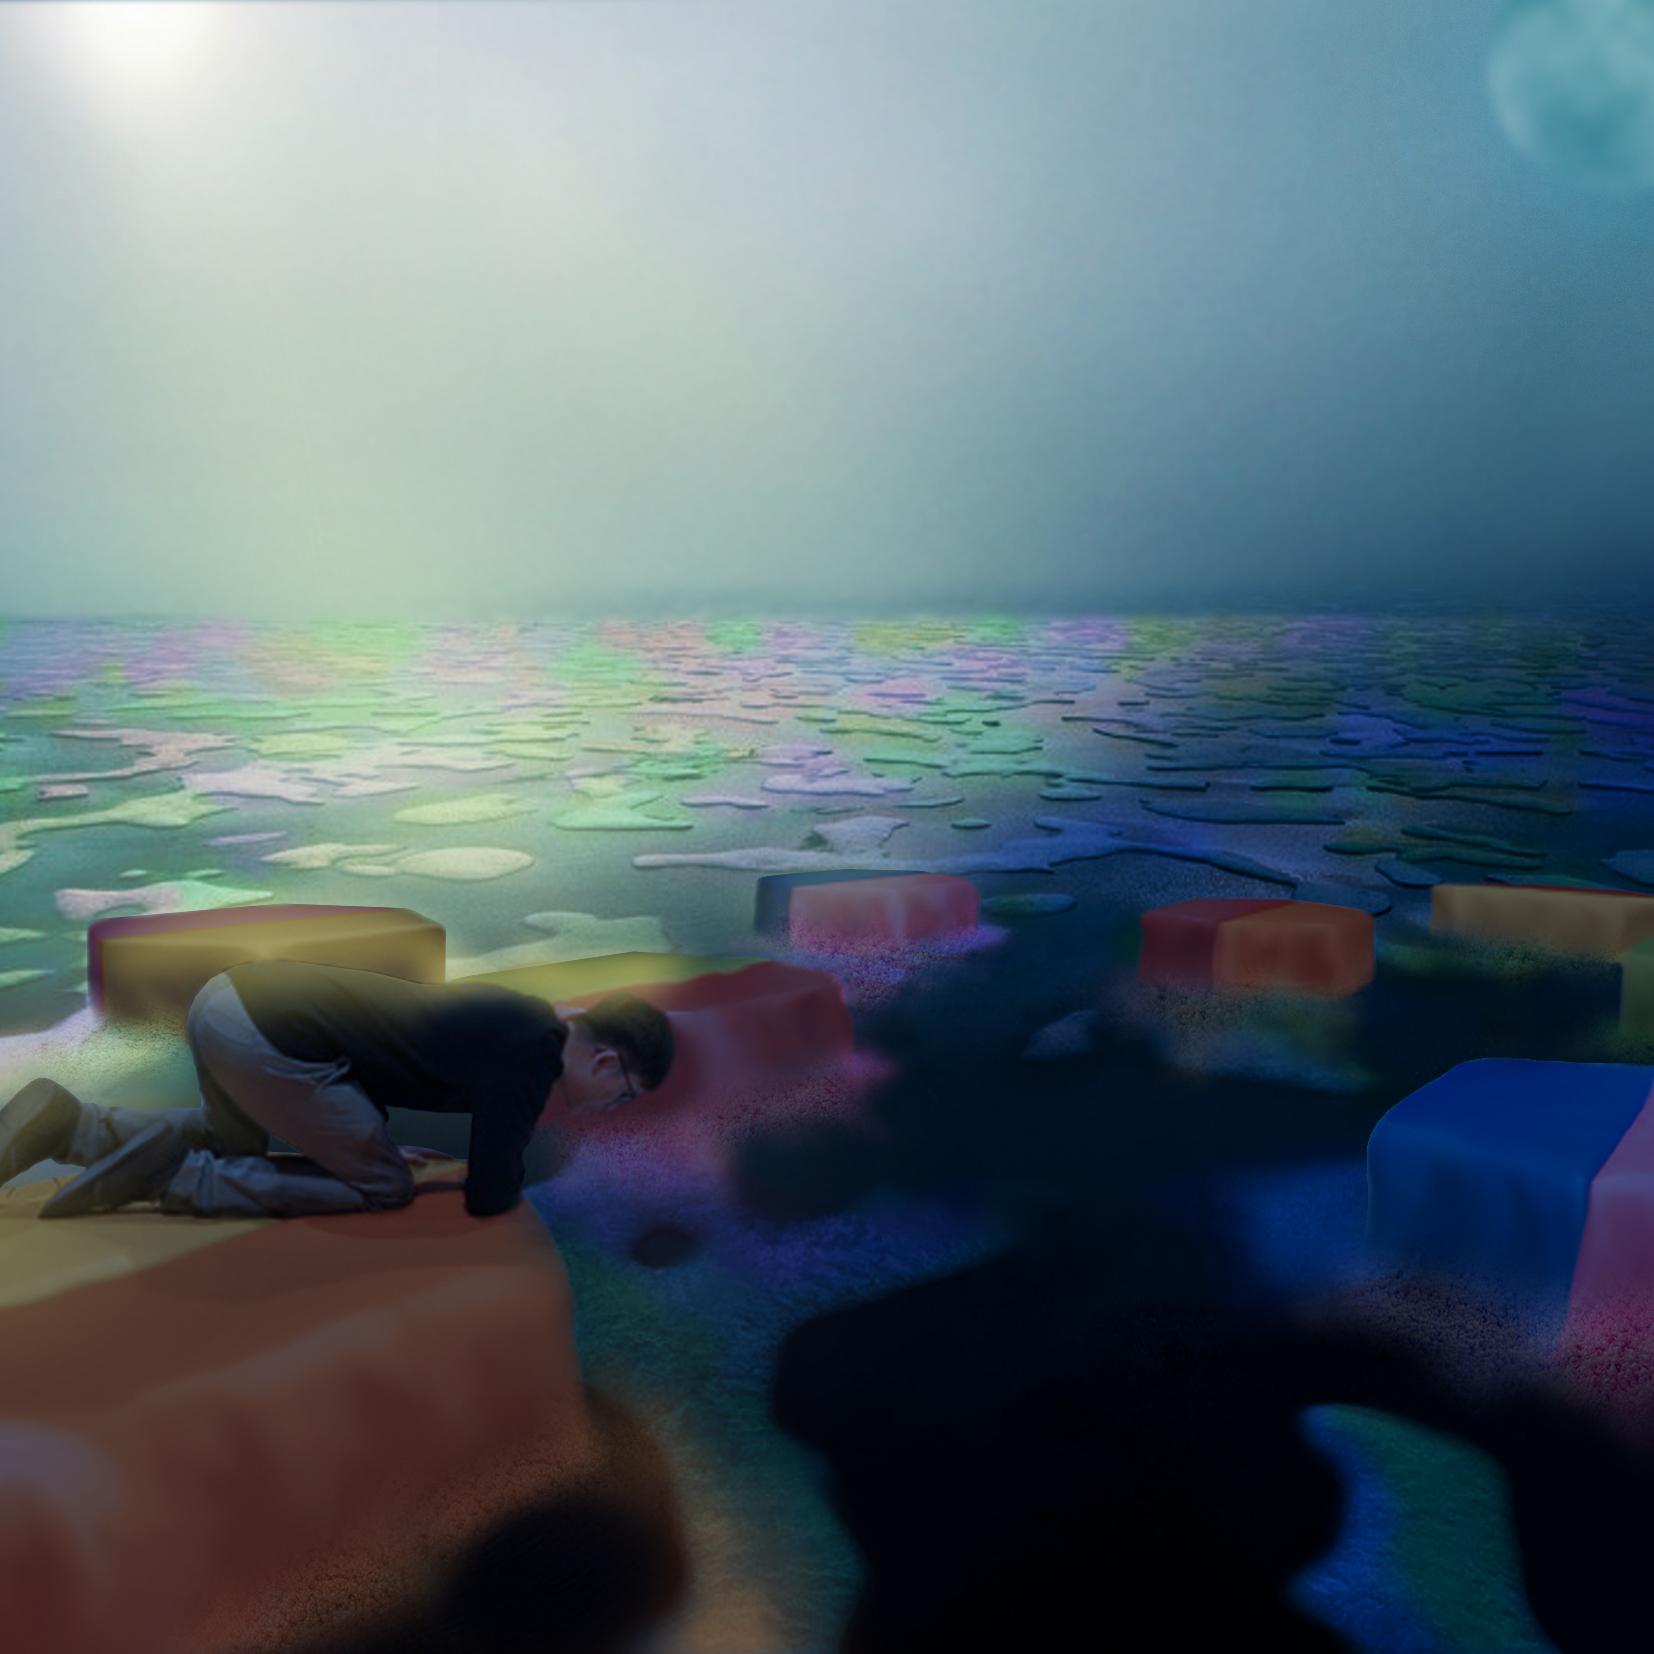 Blink of Transition Digital Art by Alvin Sim